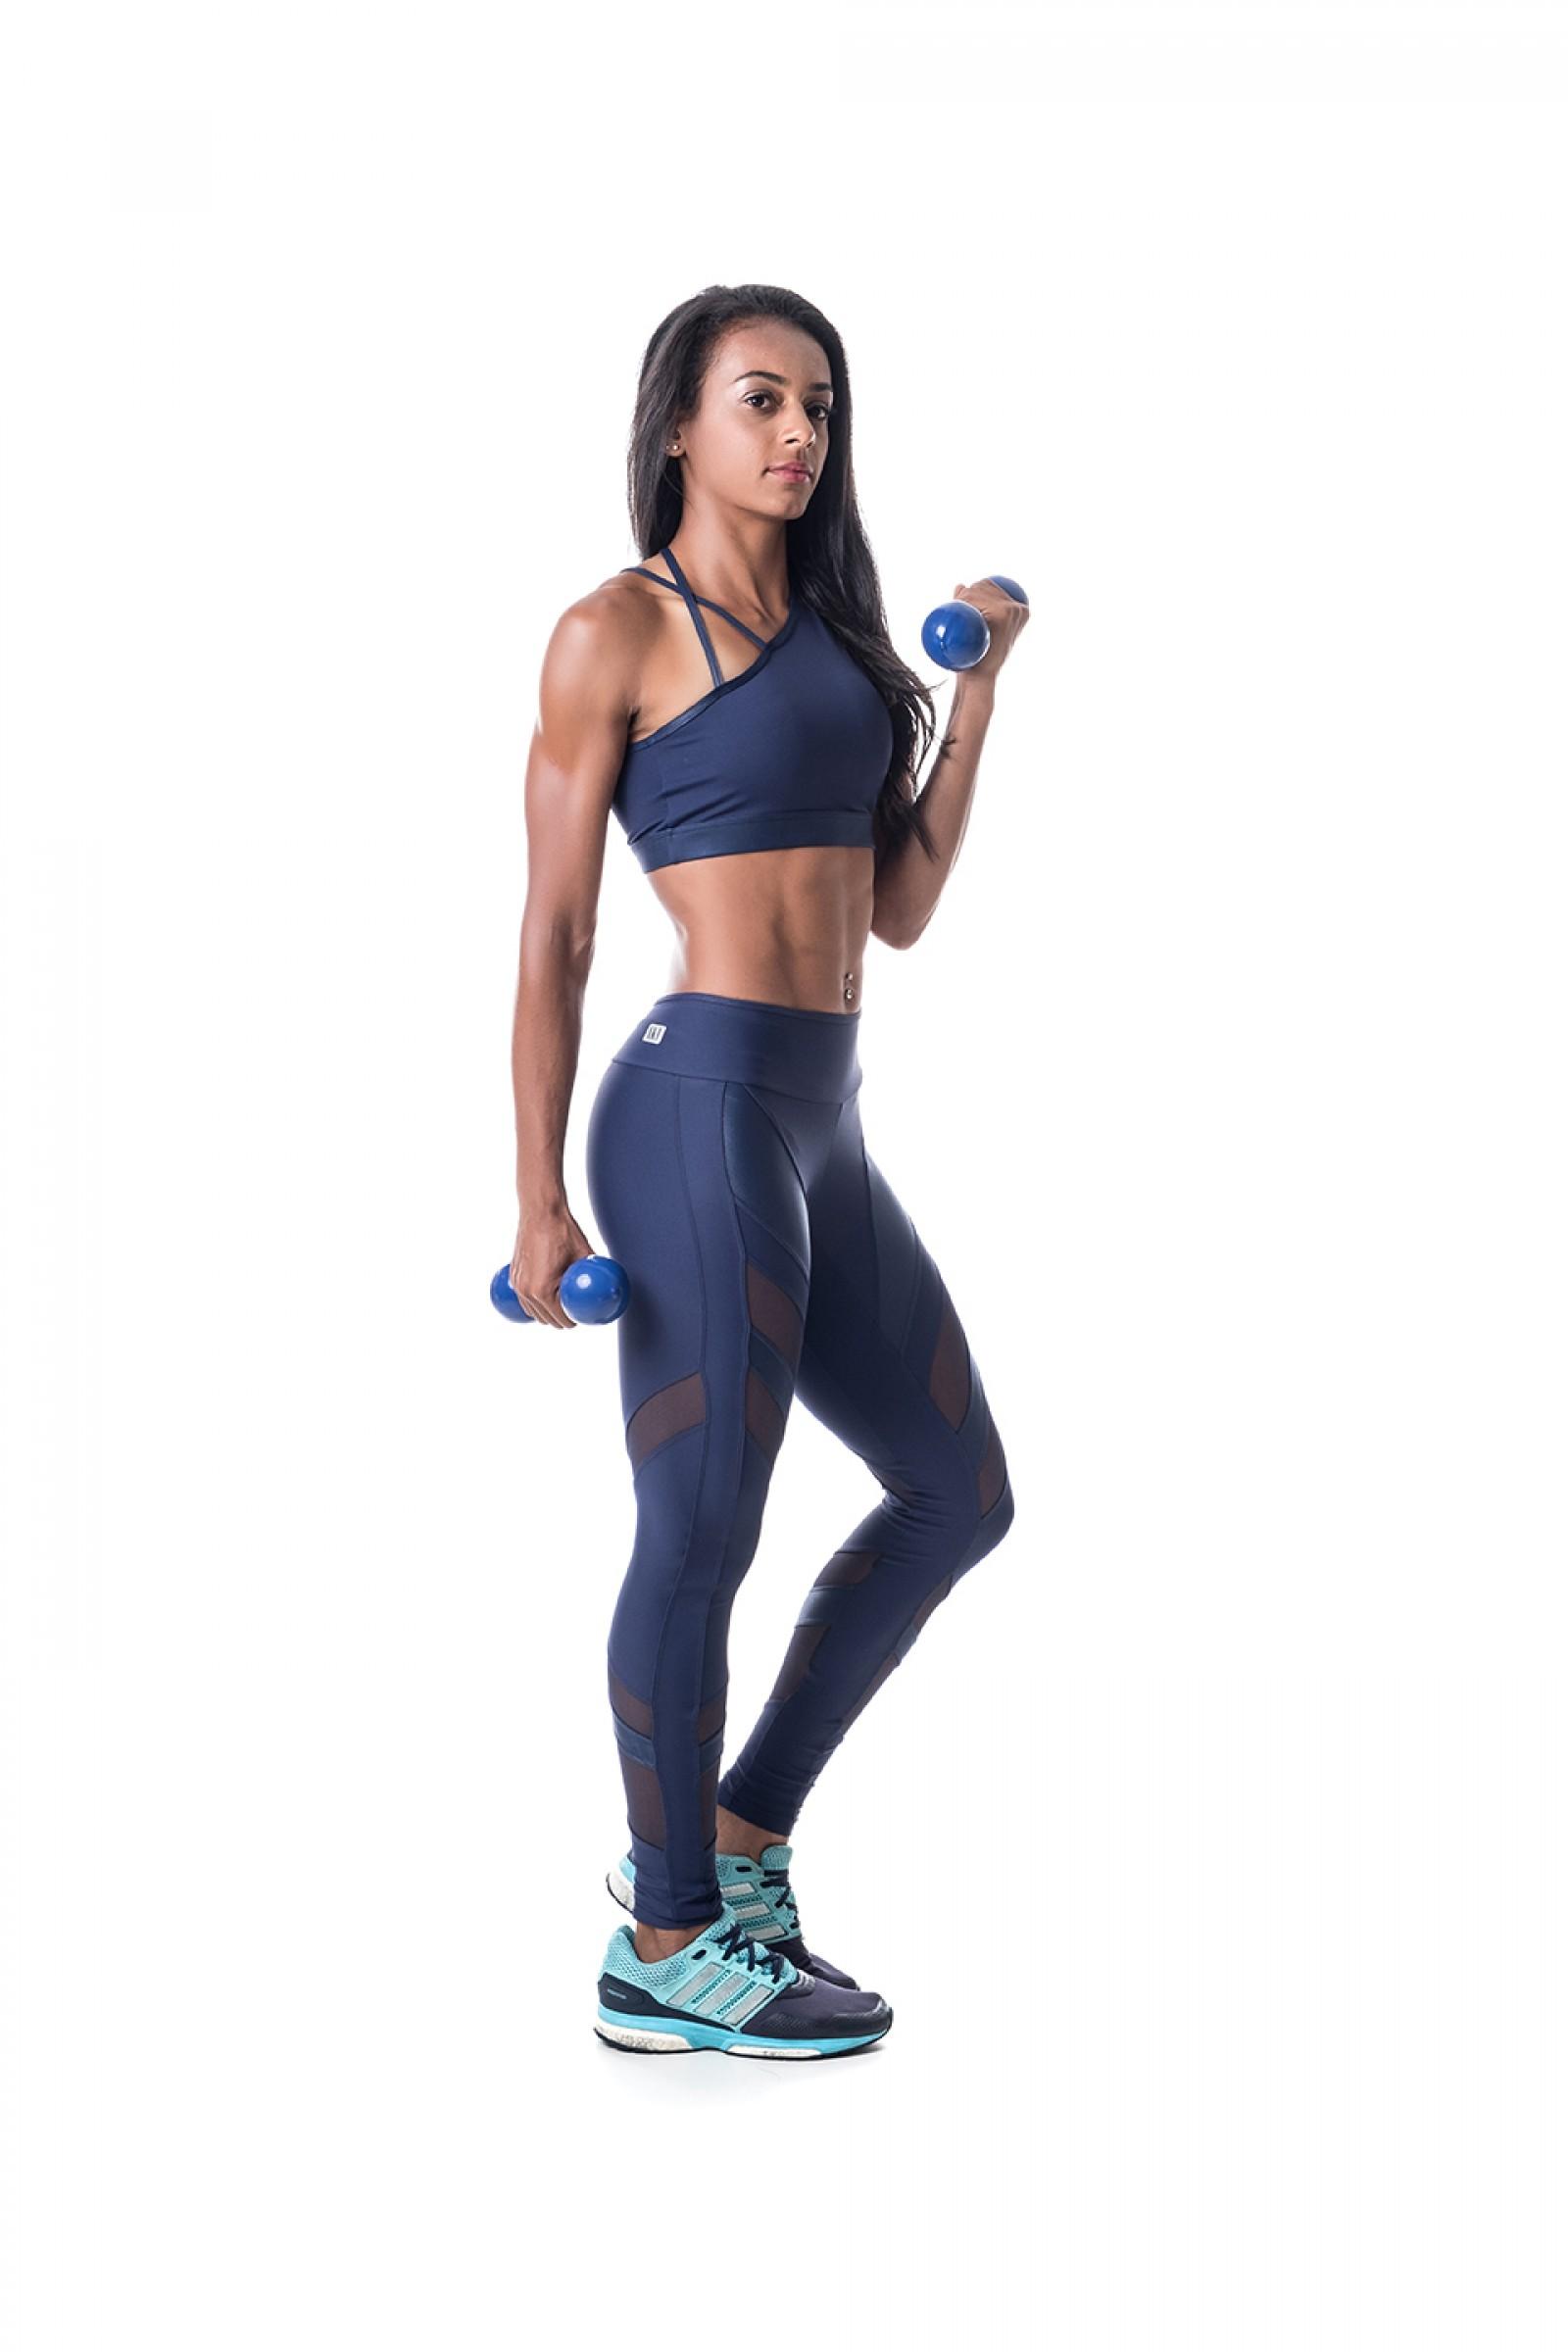 Legging Instigate Marinho, Coleção Challenge - NKT Fitwear Moda Fitness